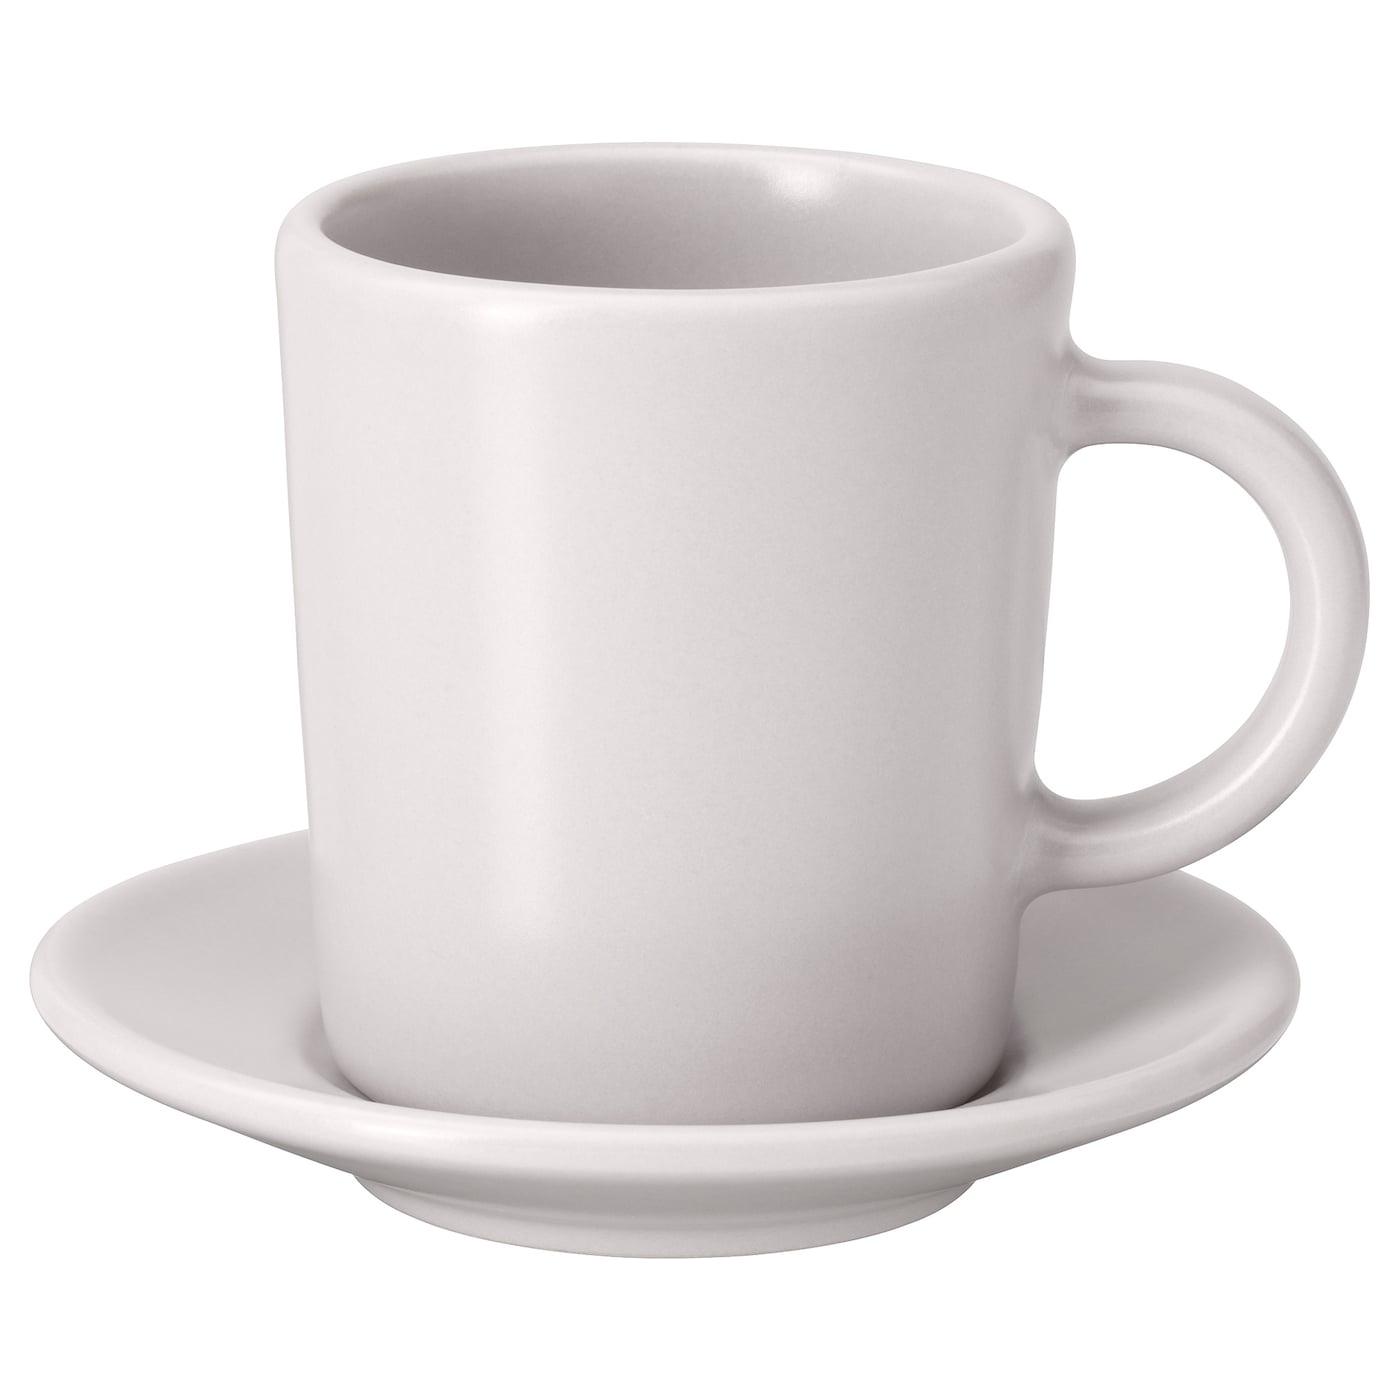 ea6ee1ec7cc IKEA DINERA espresso cup and saucer